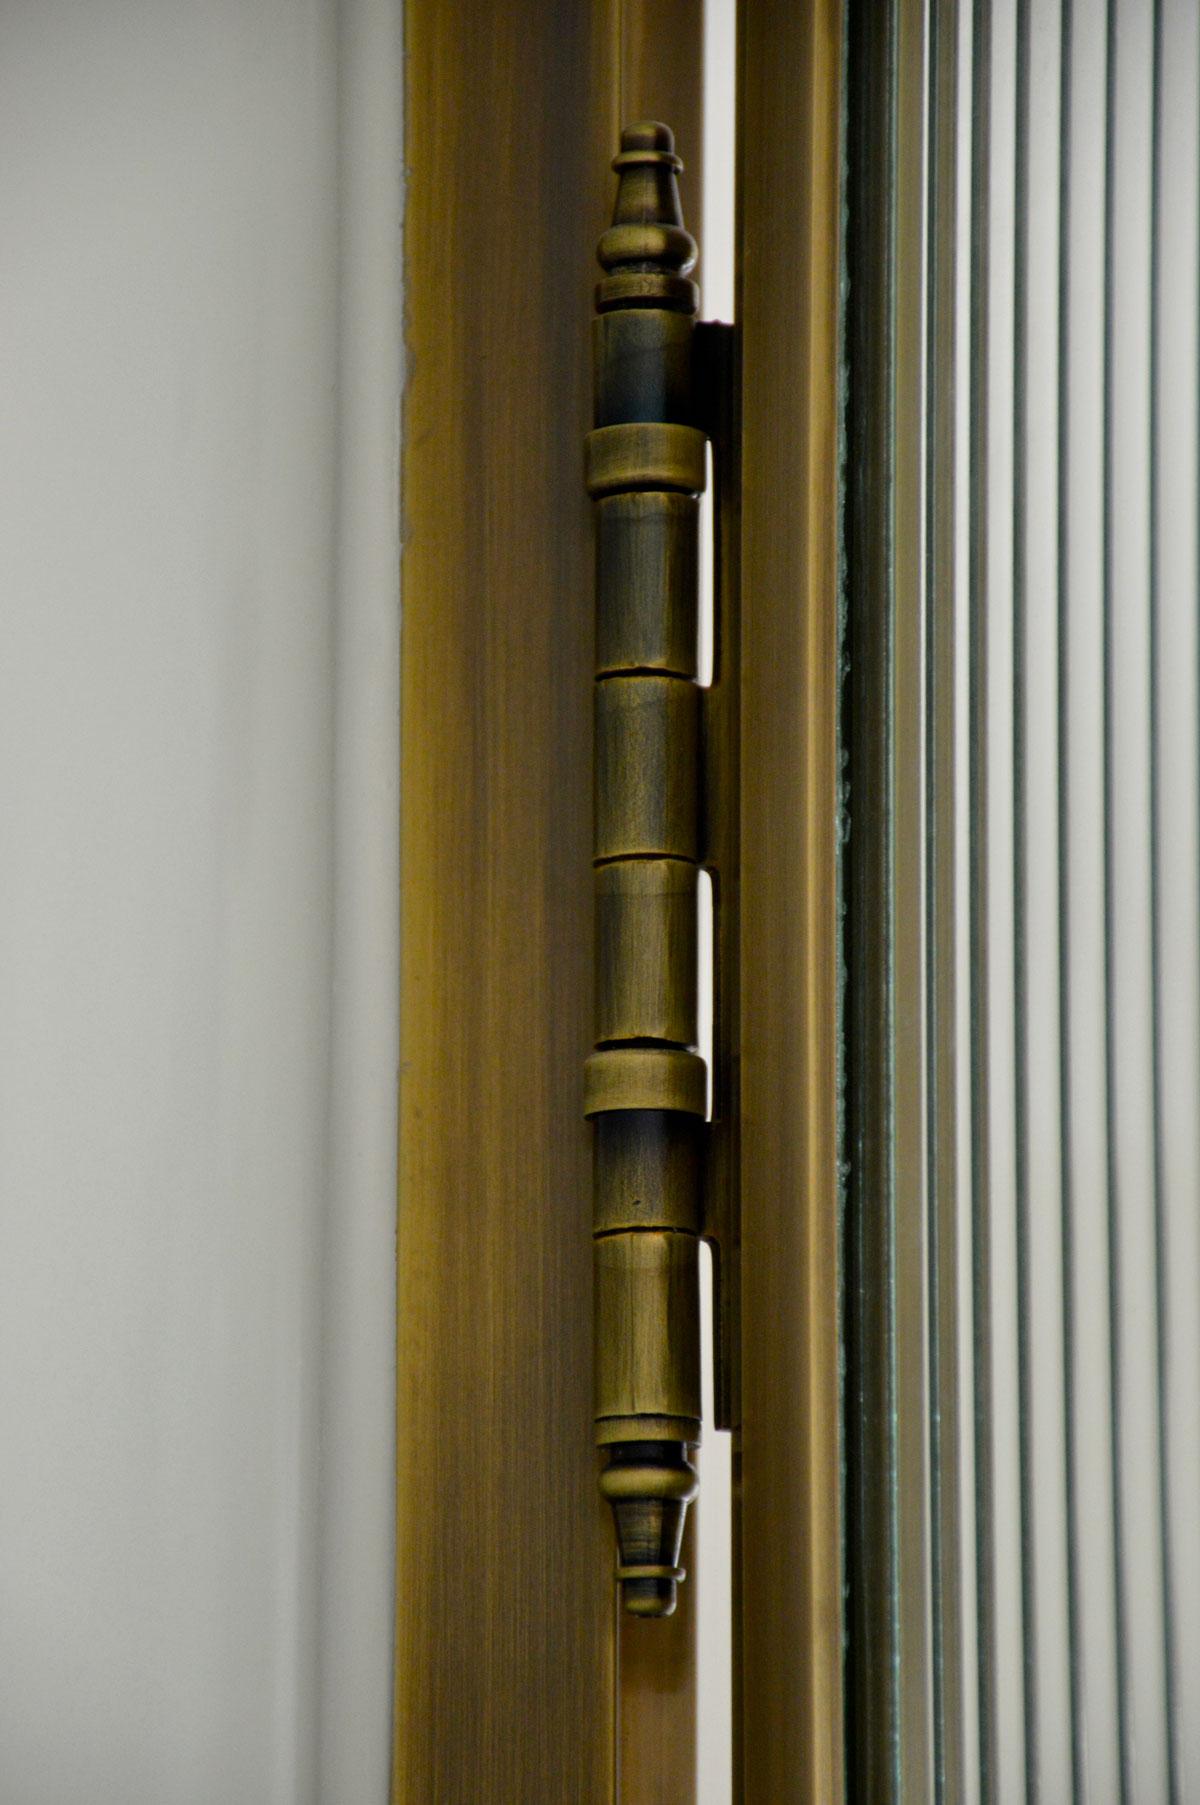 עיצוב דלתות מפליז